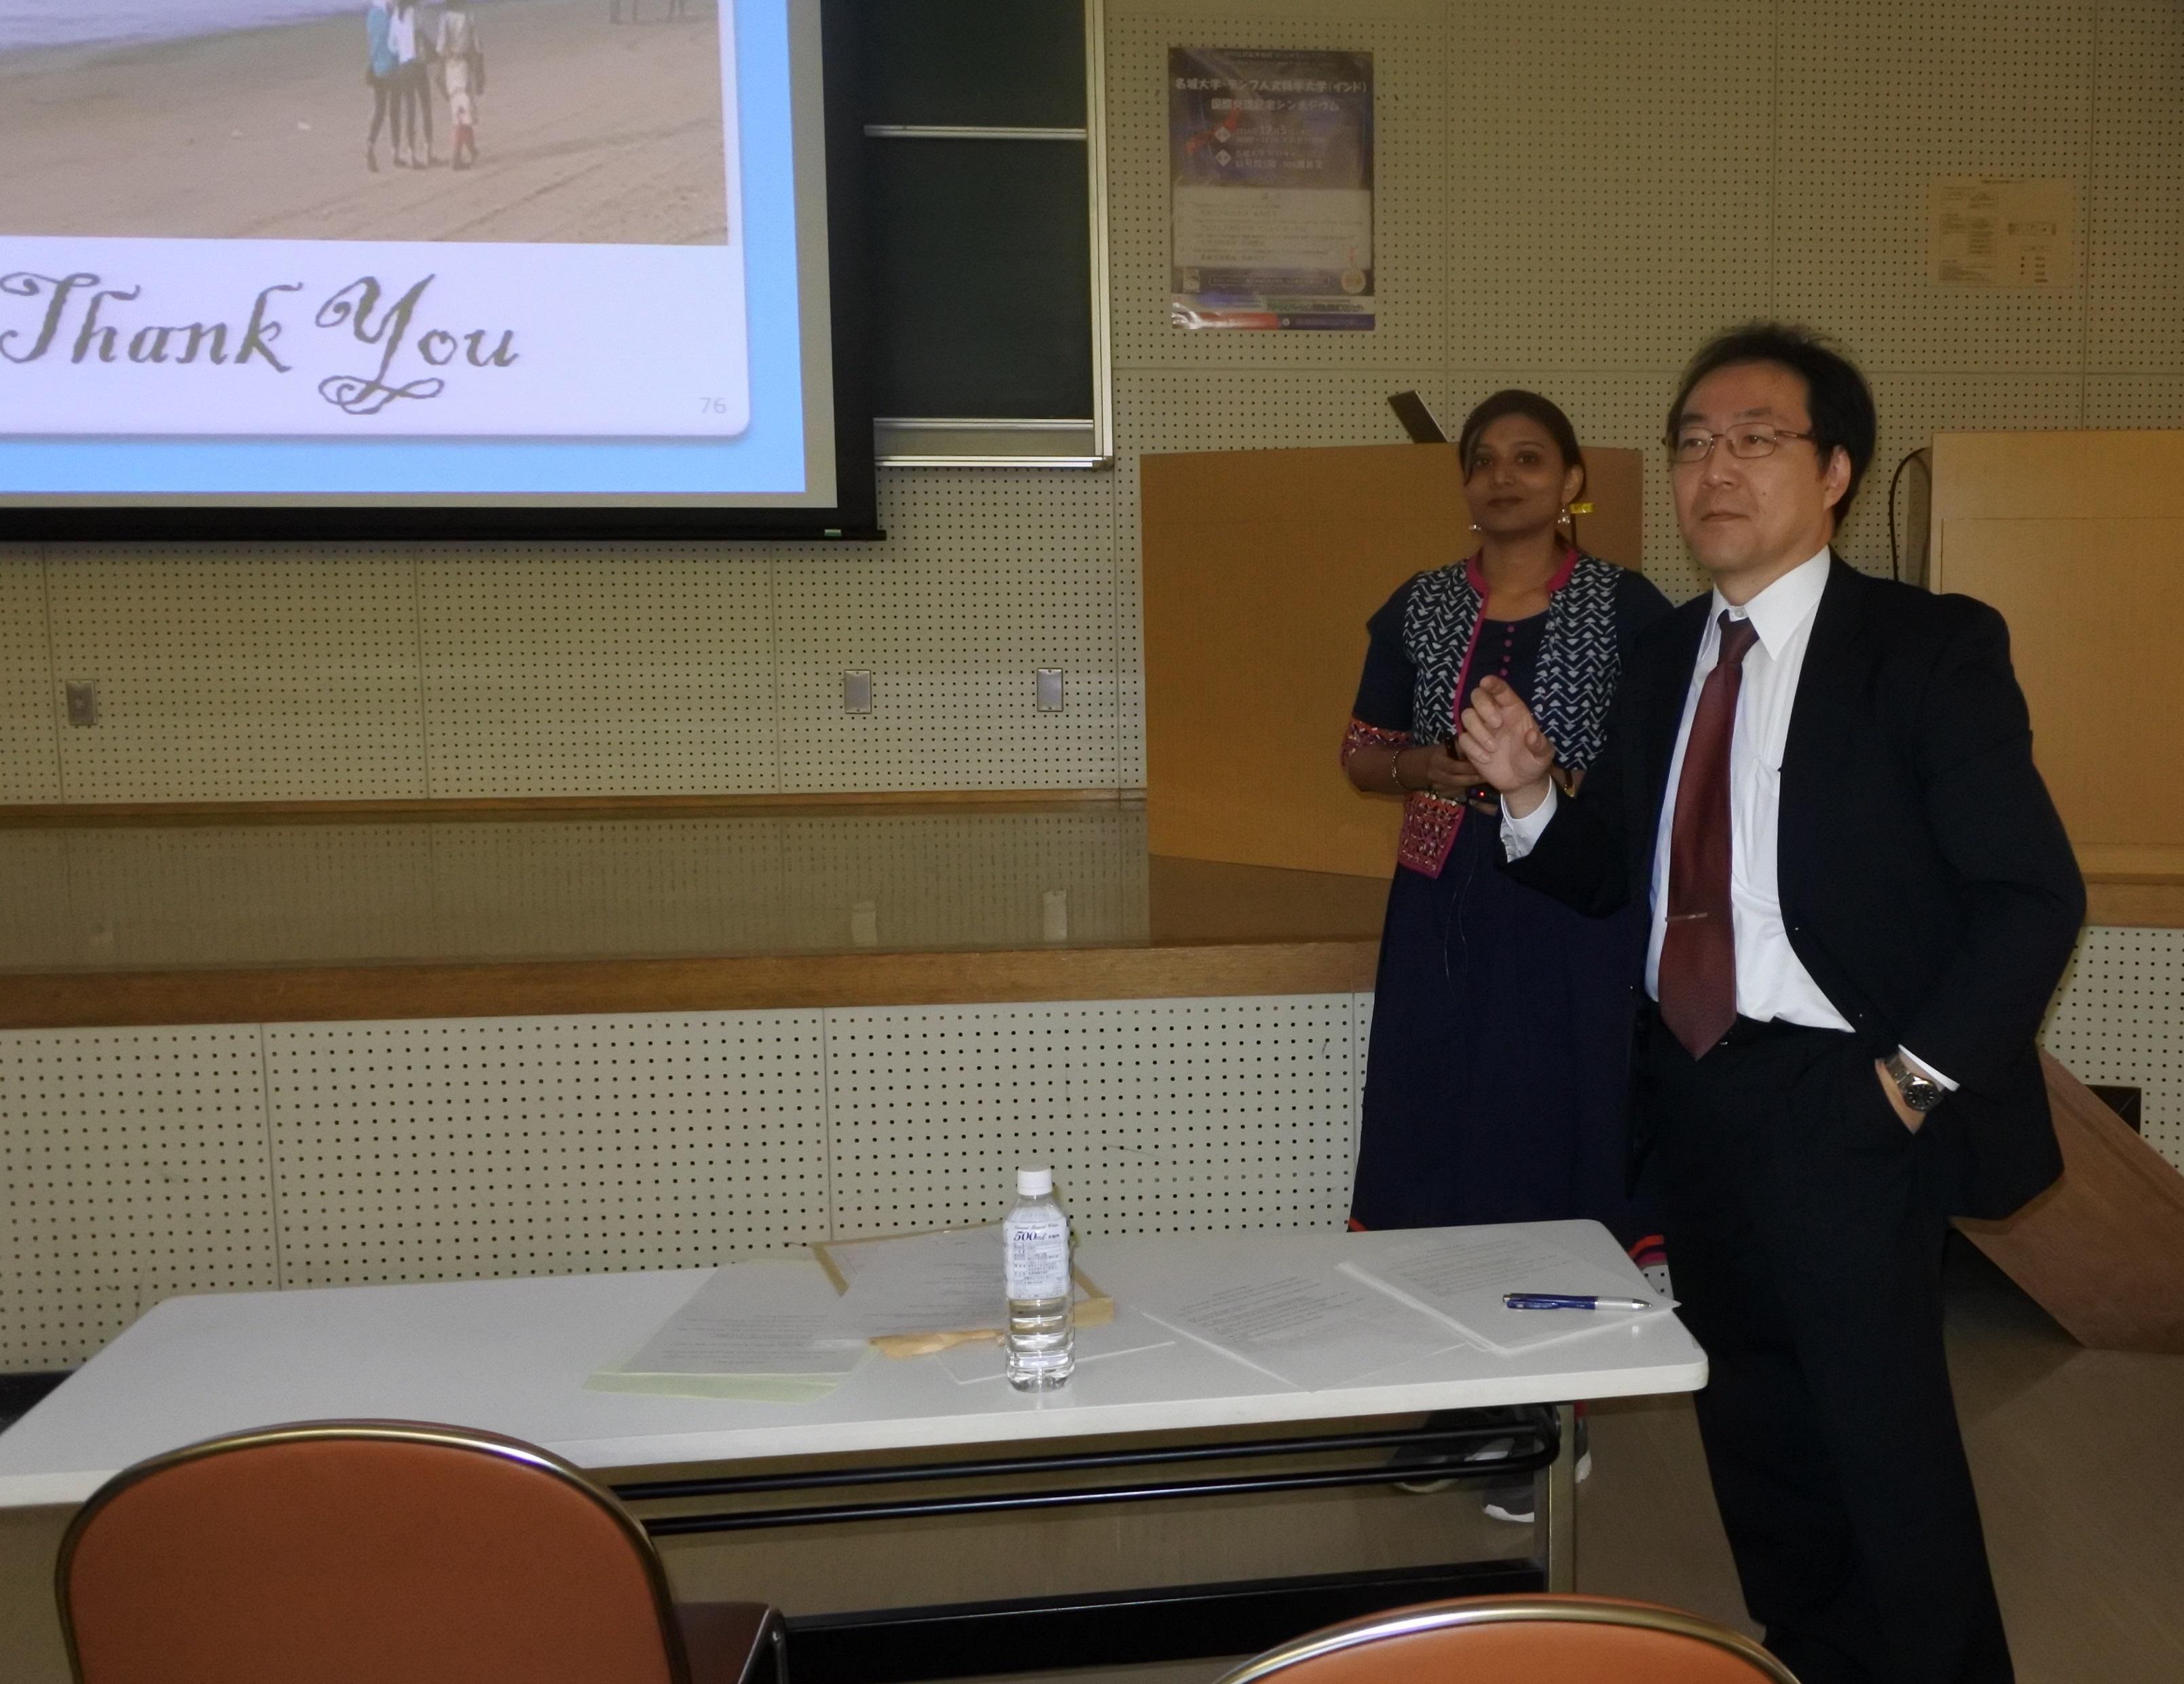 丸山隆浩教授(右)とデュルガ・カーマット博士